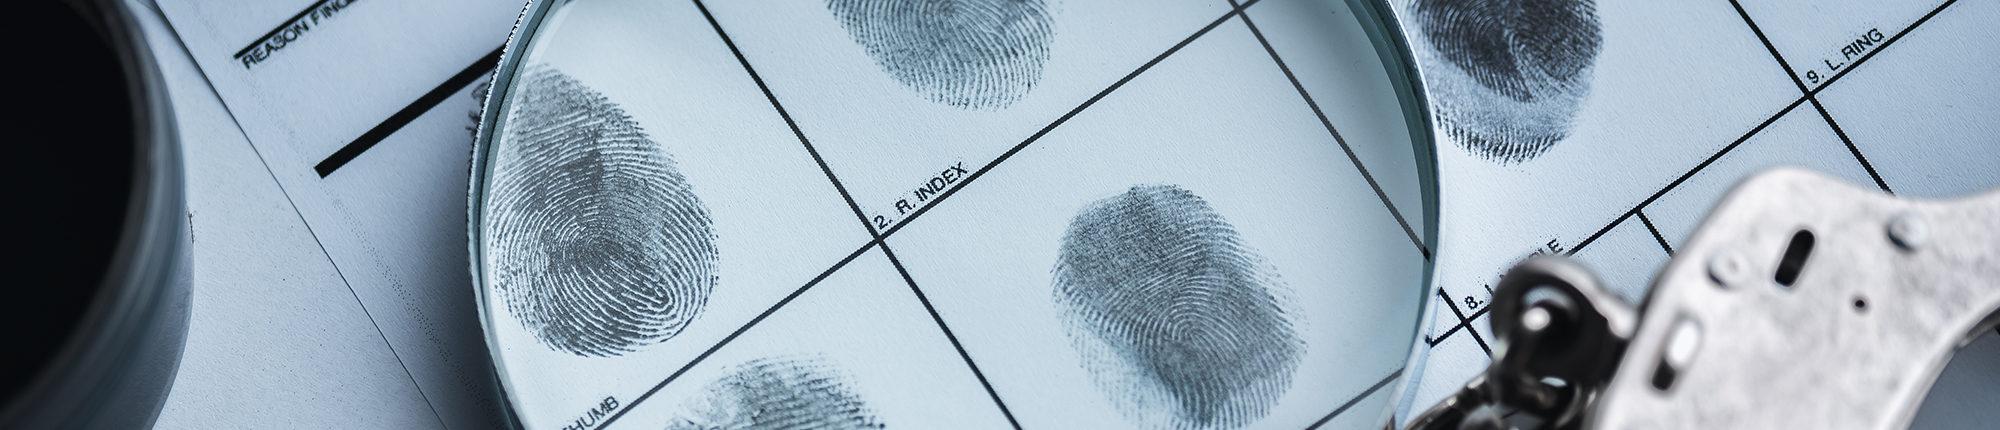 fingerprints under a magnifying glass